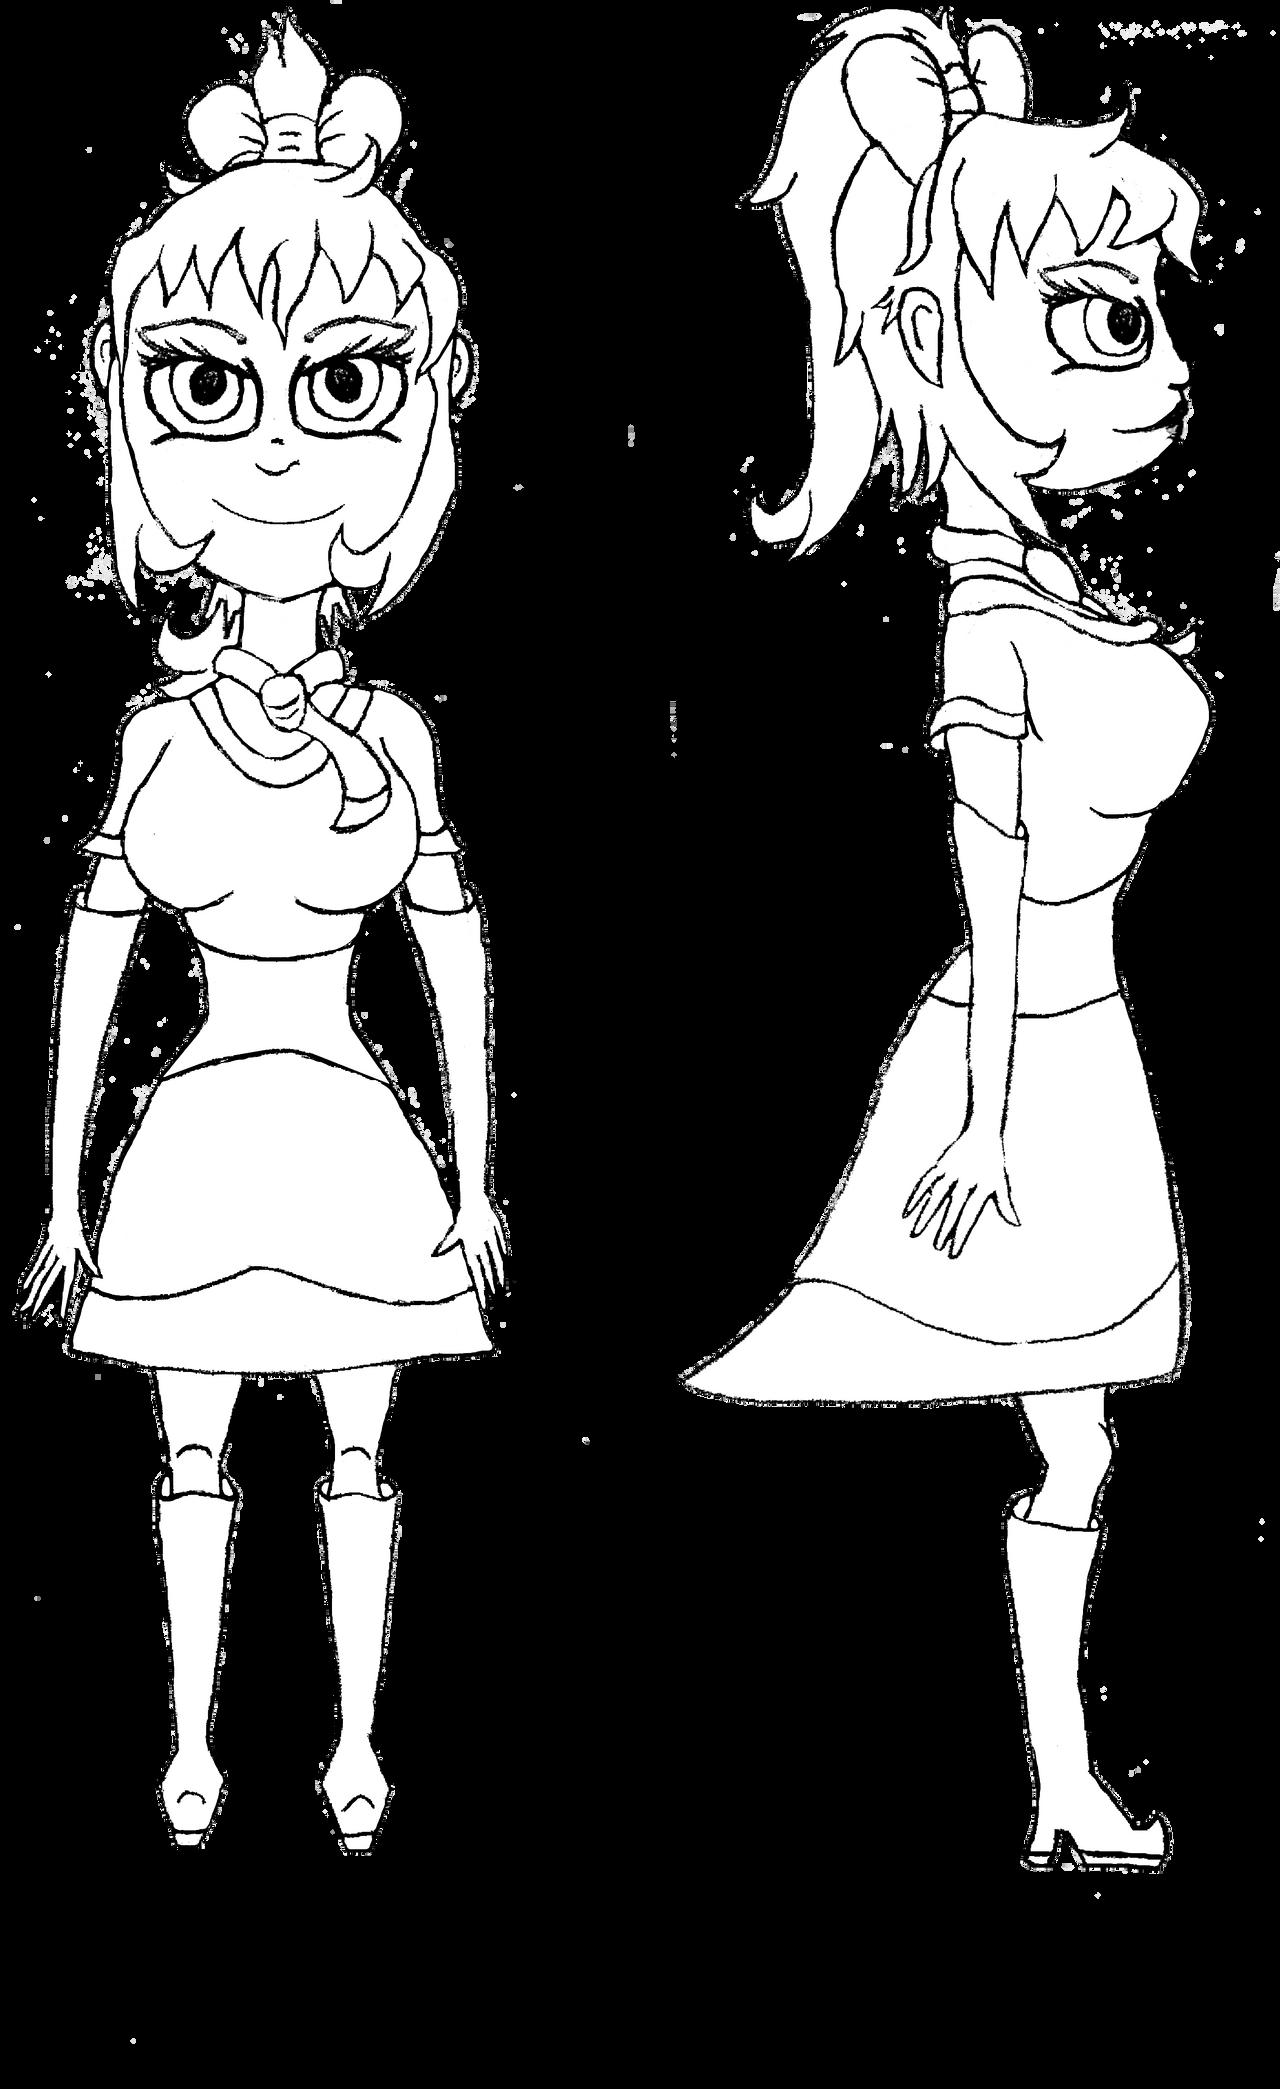 Sylvia Digital Sketch Wip By Queen Of Bread On Deviantart